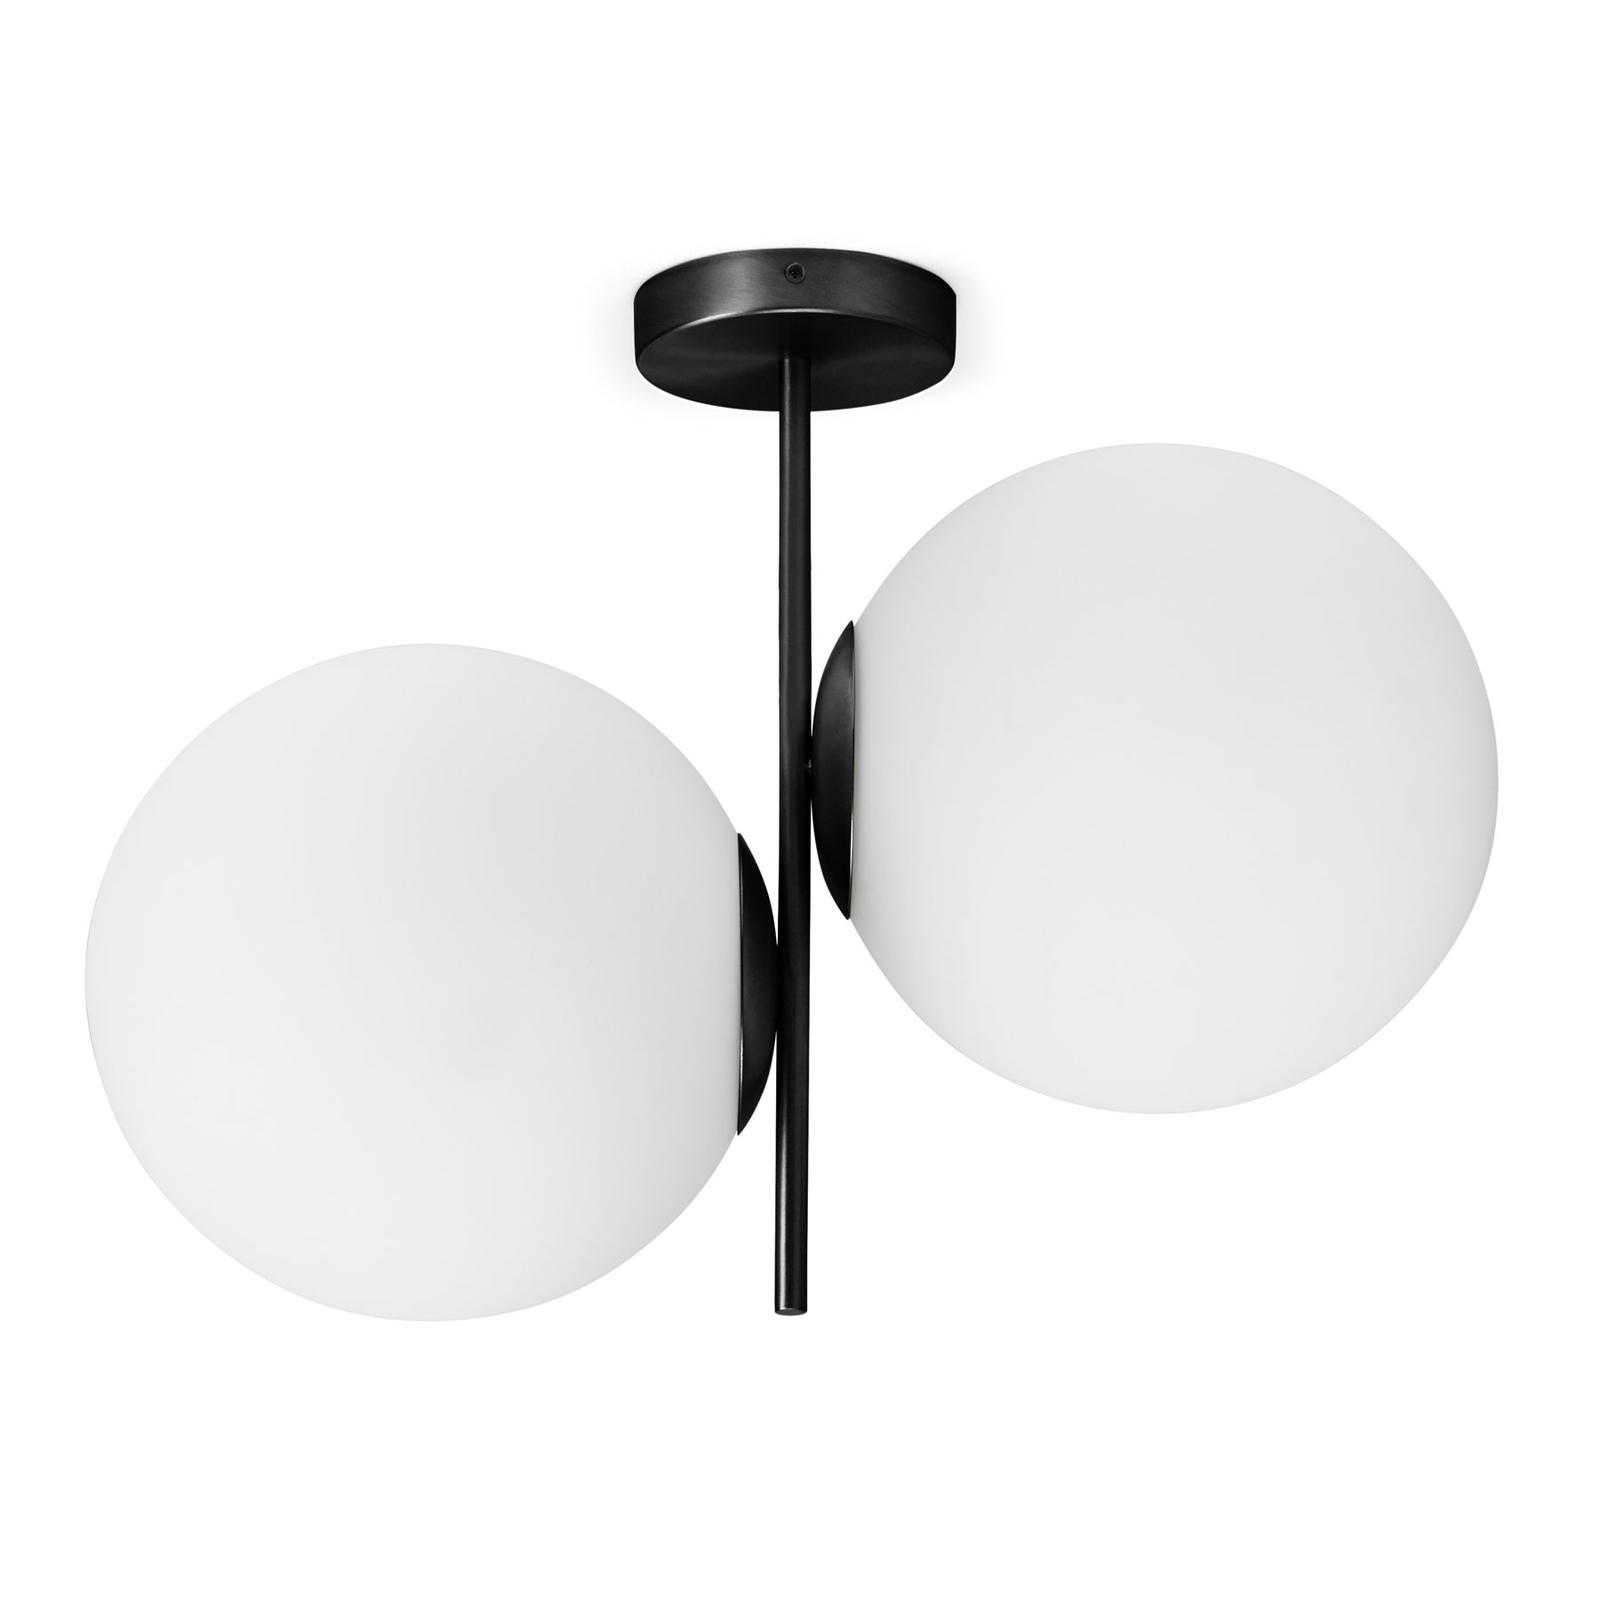 Jugen loftlampe, sort, 2 lyskilder, lodret